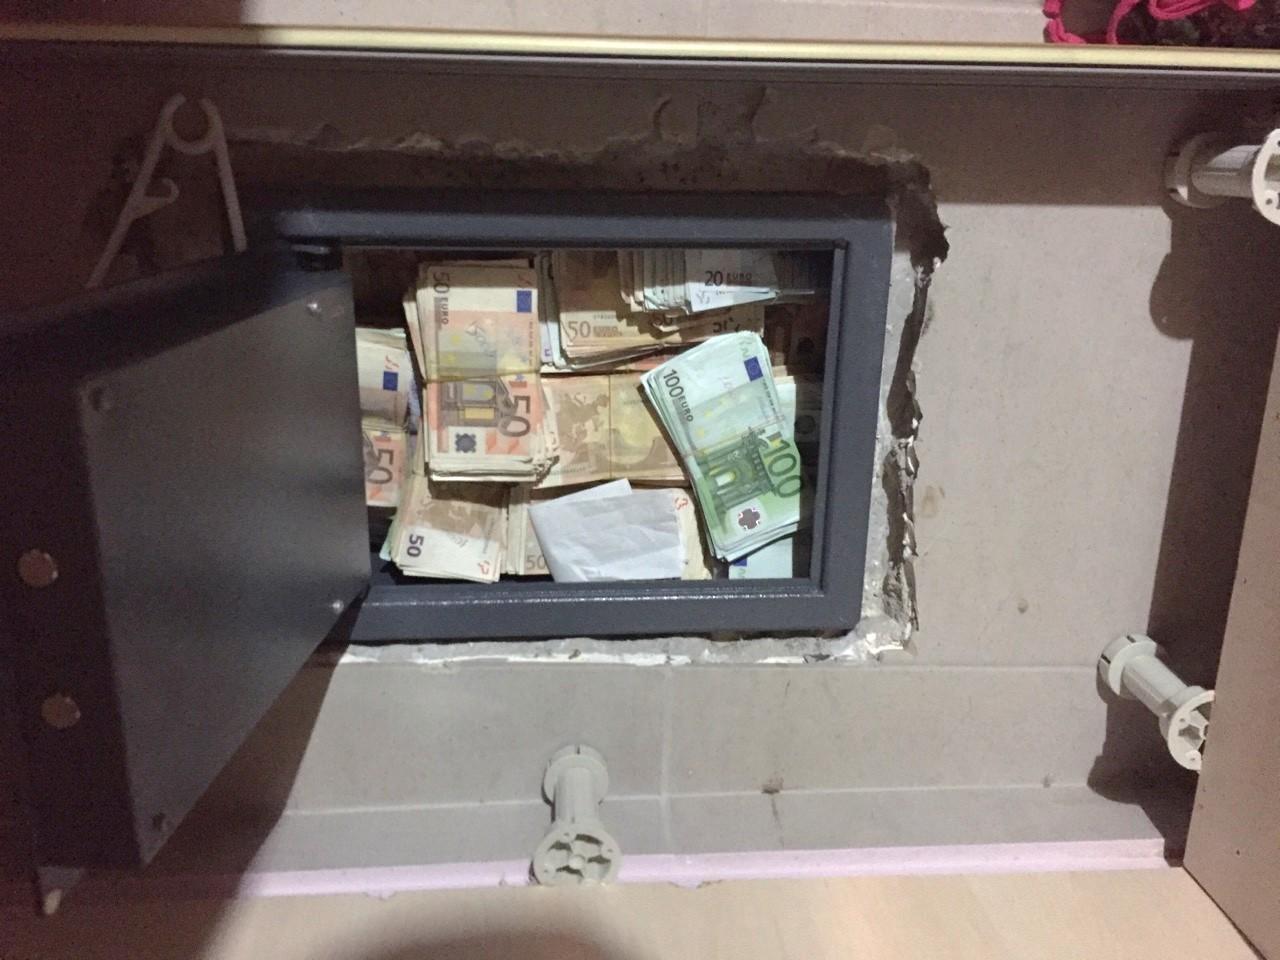 Ηράκλειο – Lockdown: Διάρρηξη σε πασίγνωστο κατάστημα της παραλιακής! Άνοιξαν το χρηματοκιβώτιο